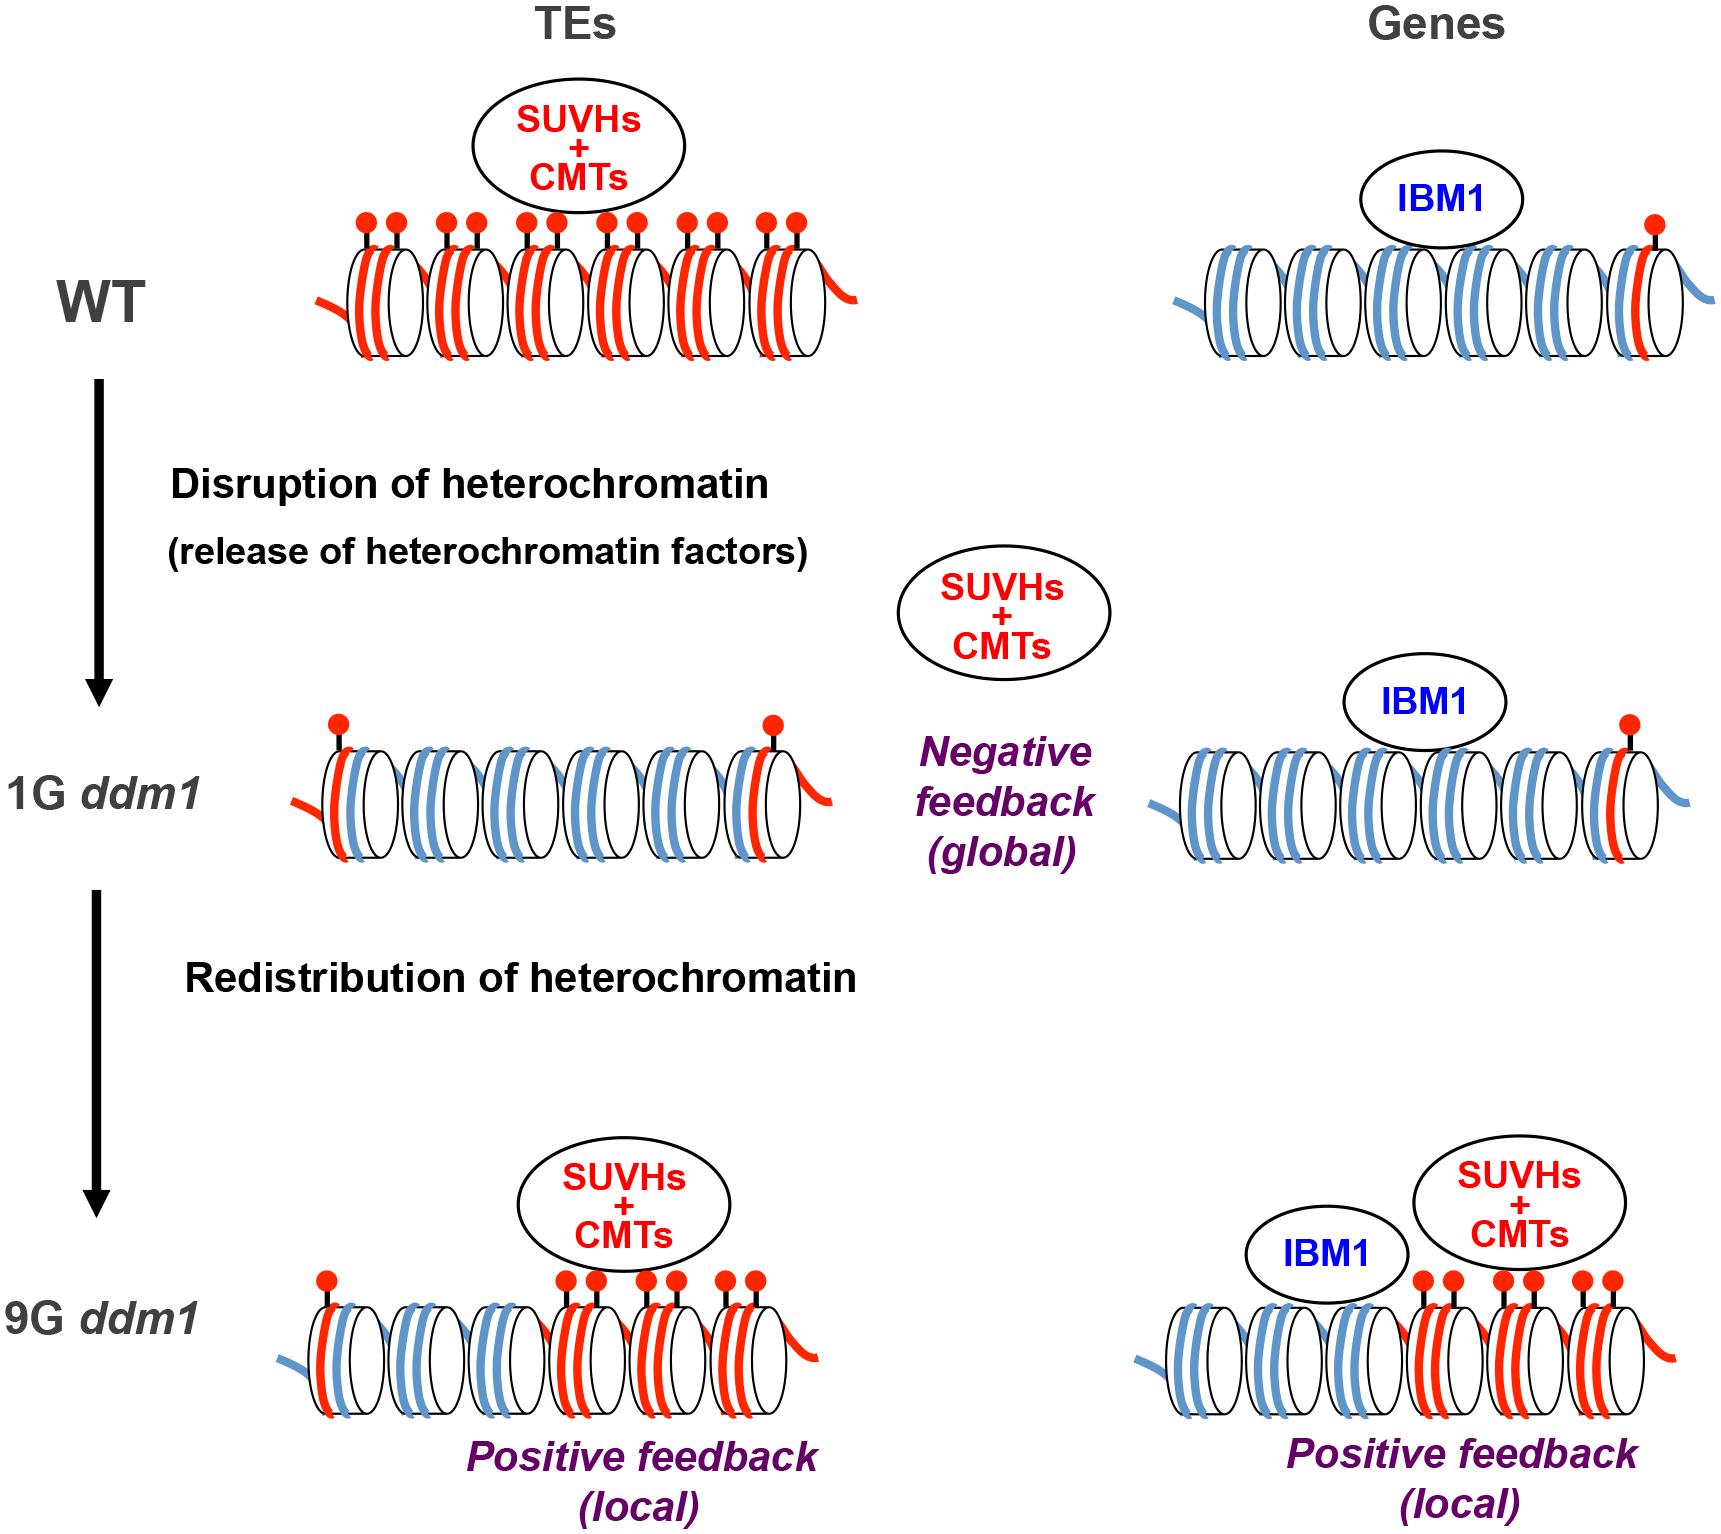 A model for the transgenerational heterochromatin redistribution.